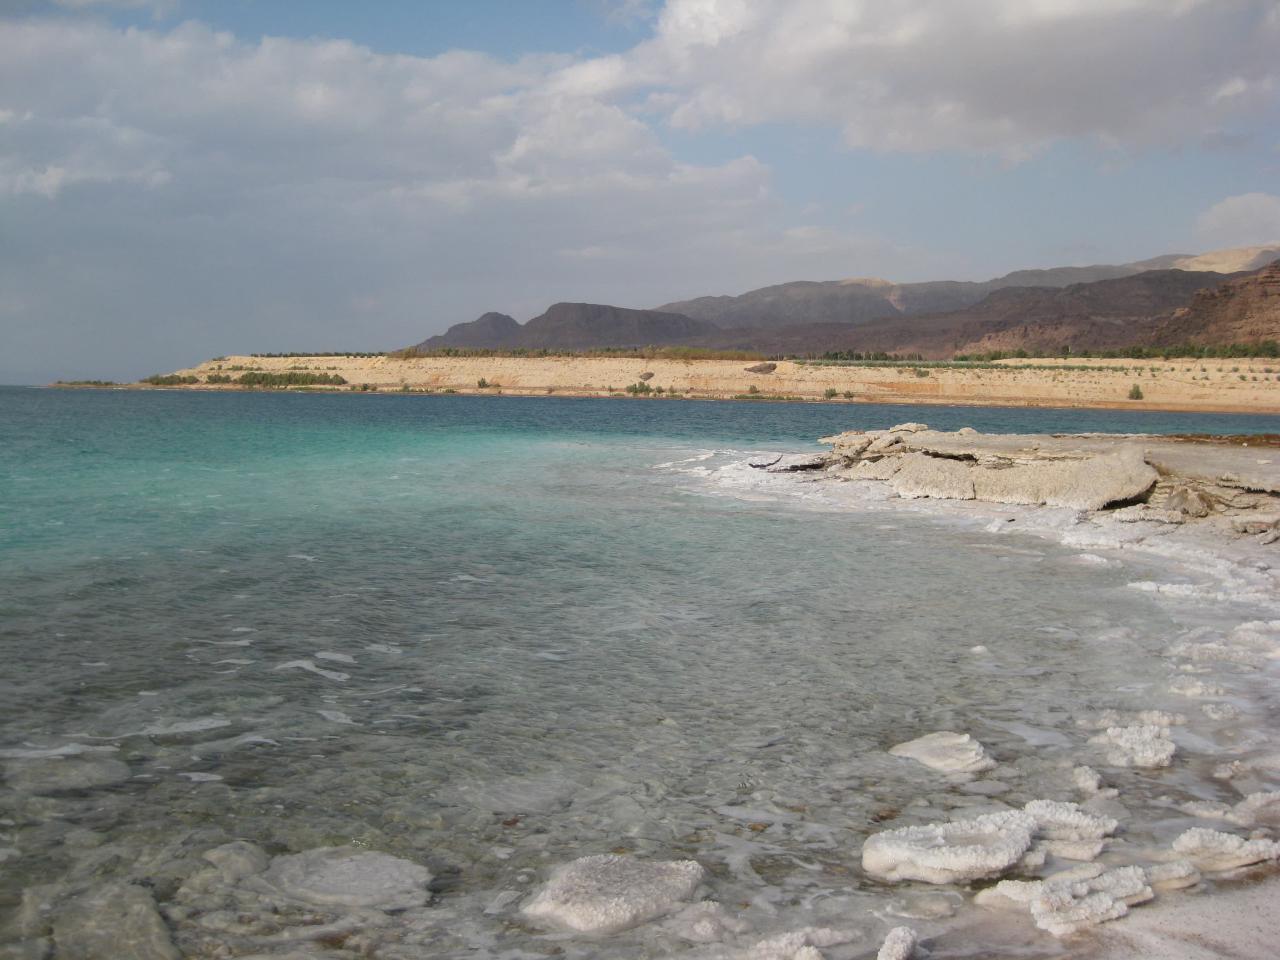 صور شاطئ البحر الميت , صور البحر الميت جودة hd